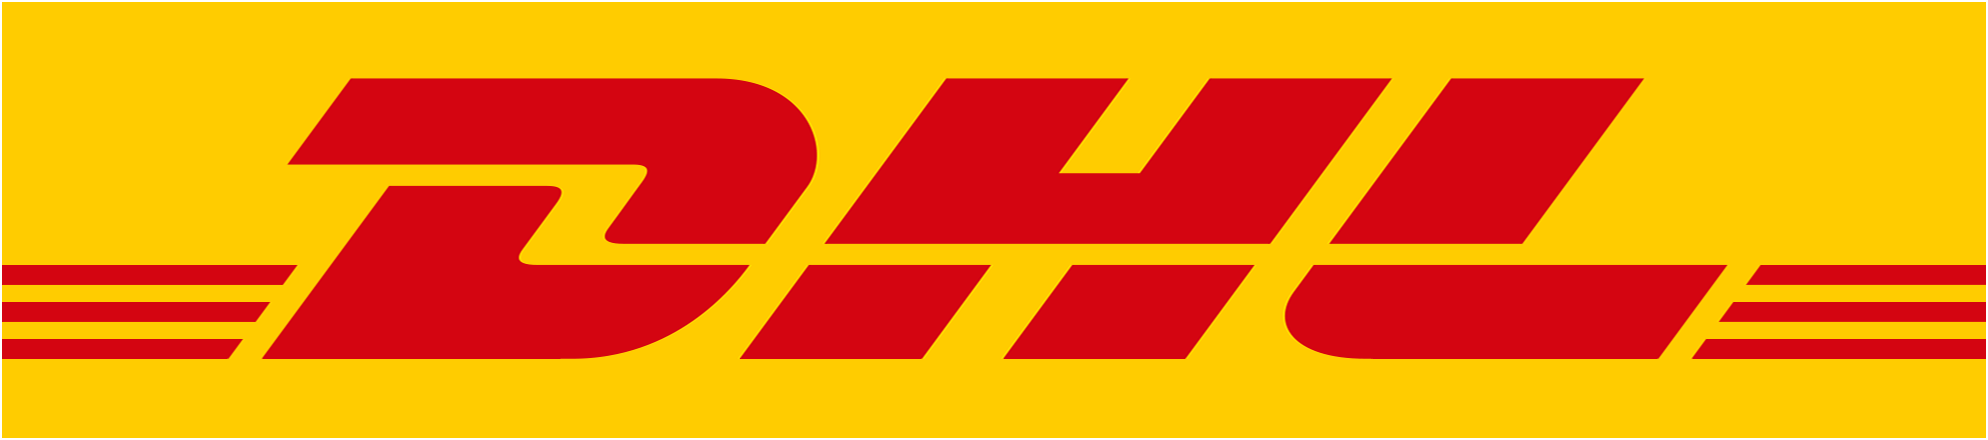 DHL_rgb.png